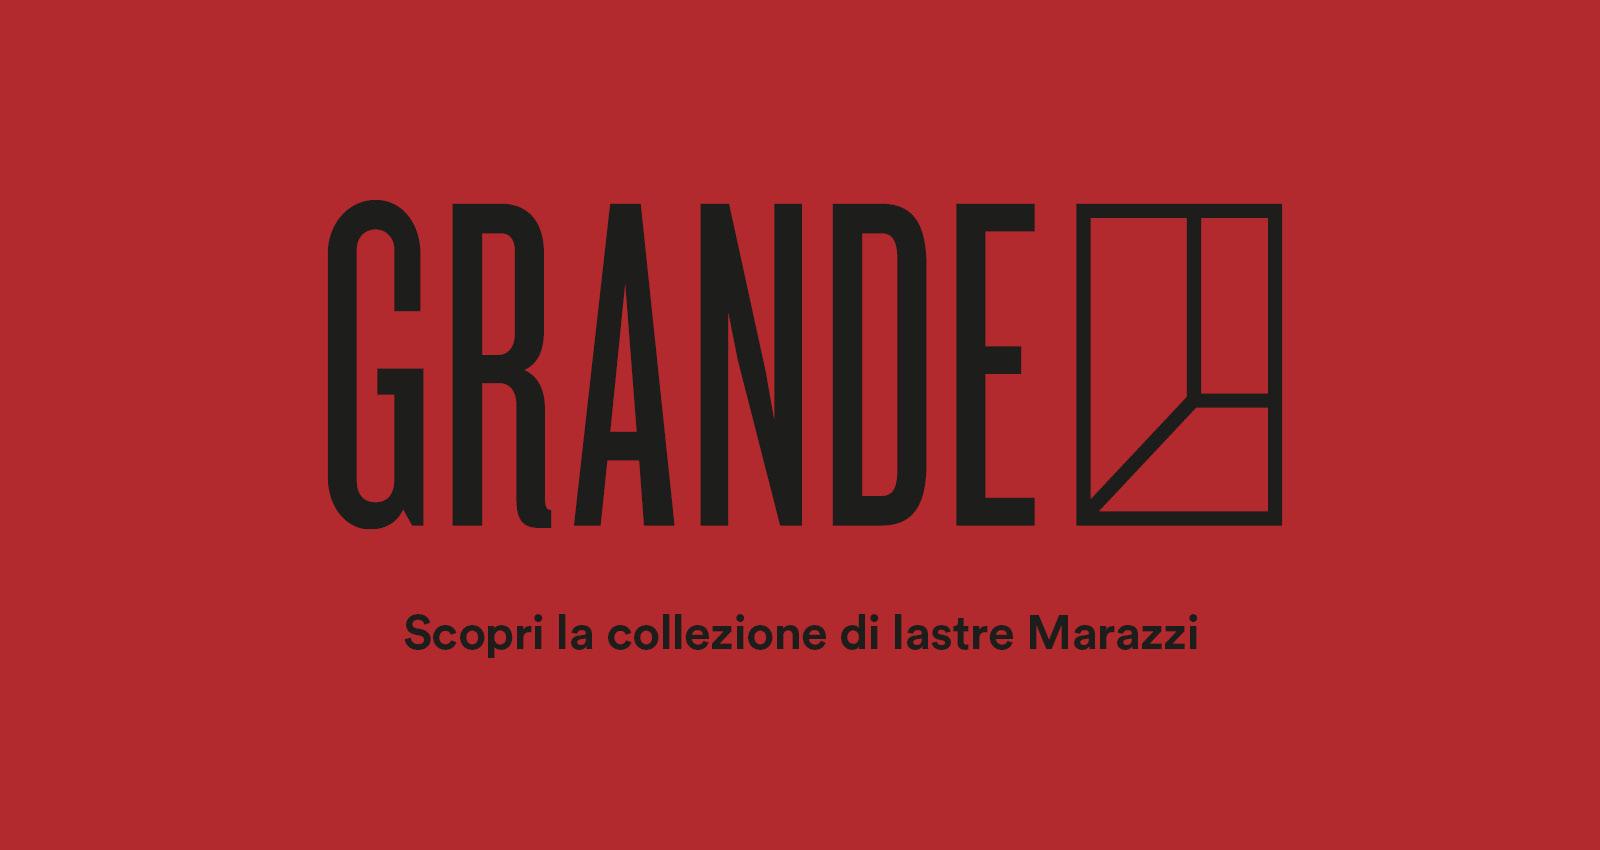 Piastrelle e Pavimenti Marazzi - Ceramica e Gres porcellanato | Marazzi